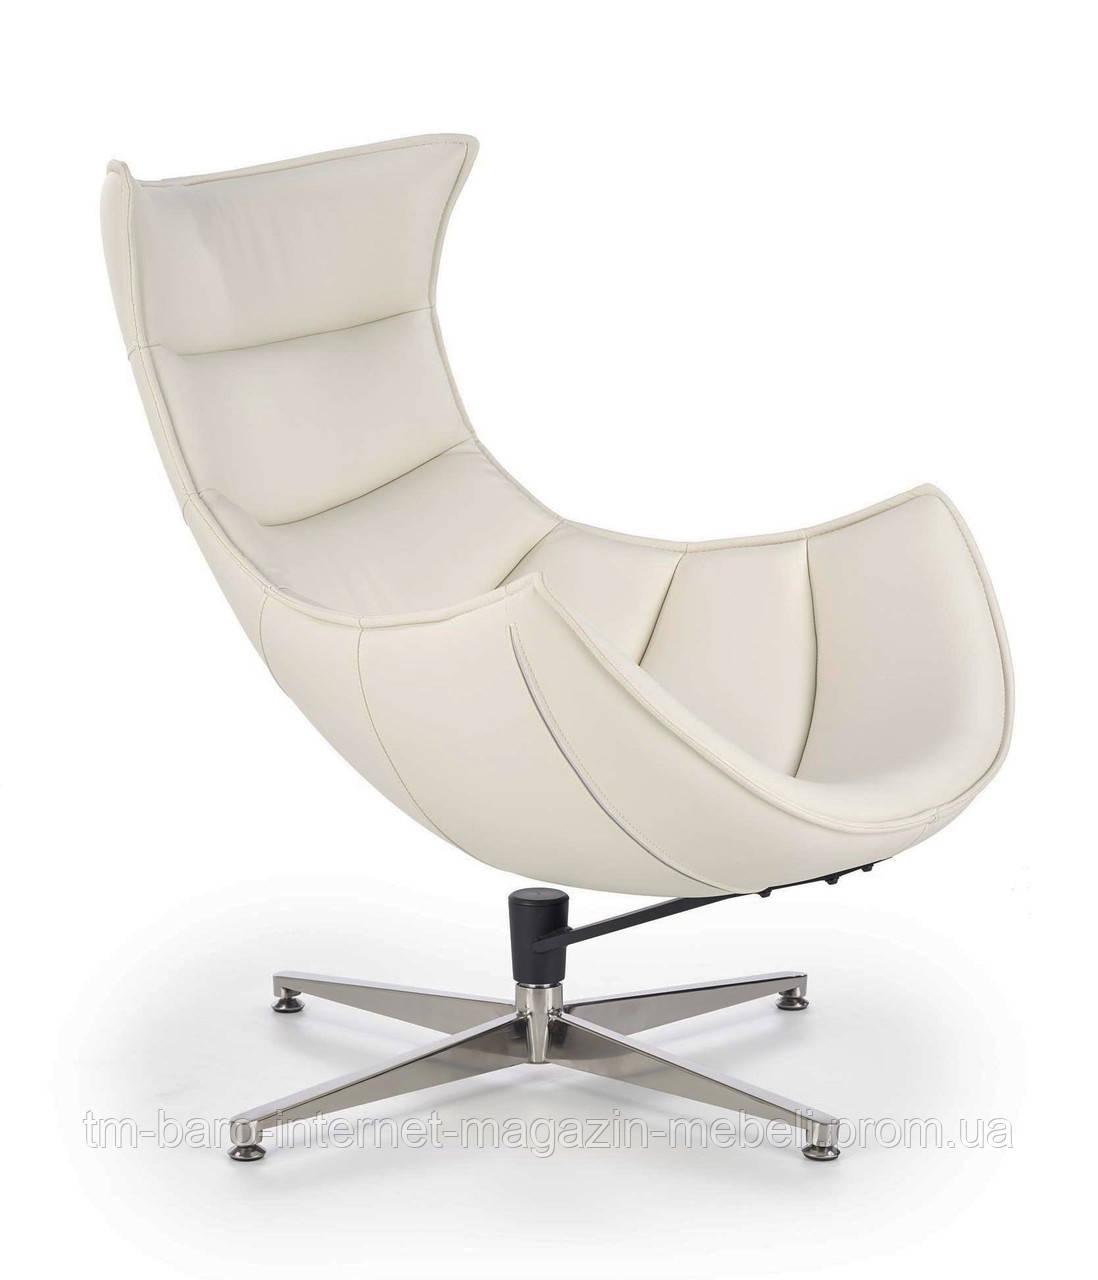 Кресло Luxor (Люксор) белый, Halmar